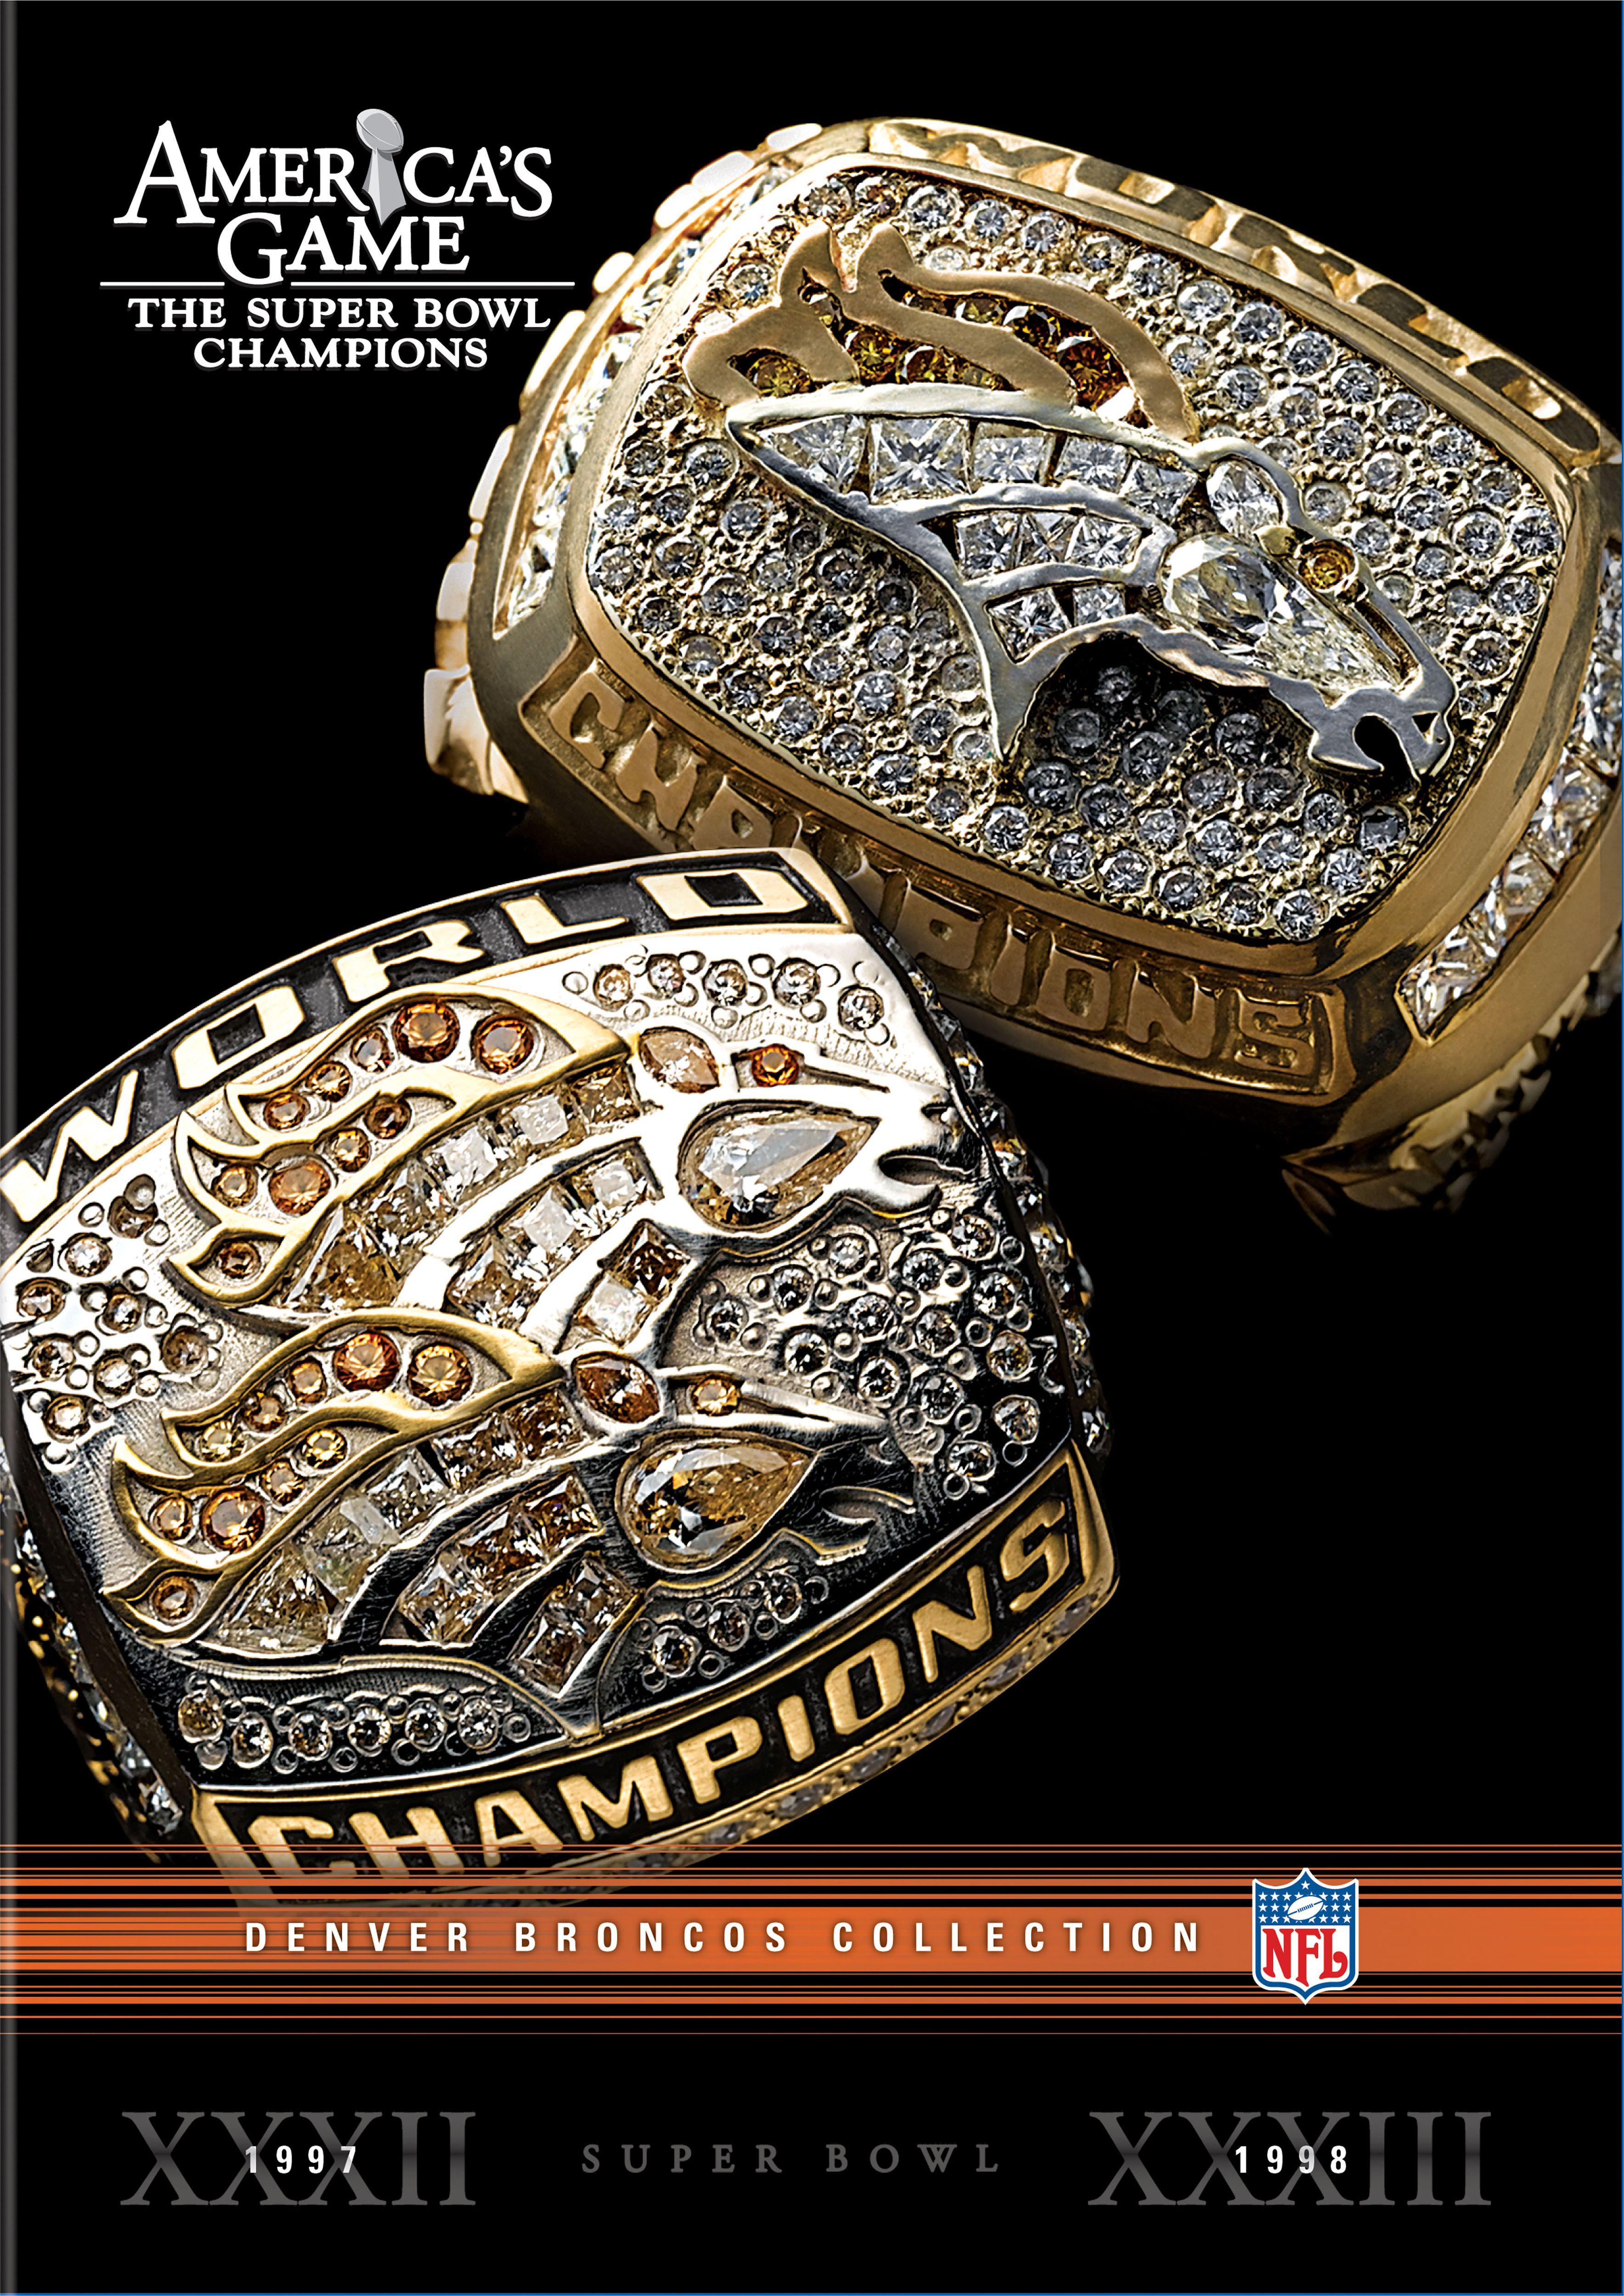 America's Game Broncos Denver broncos super bowl